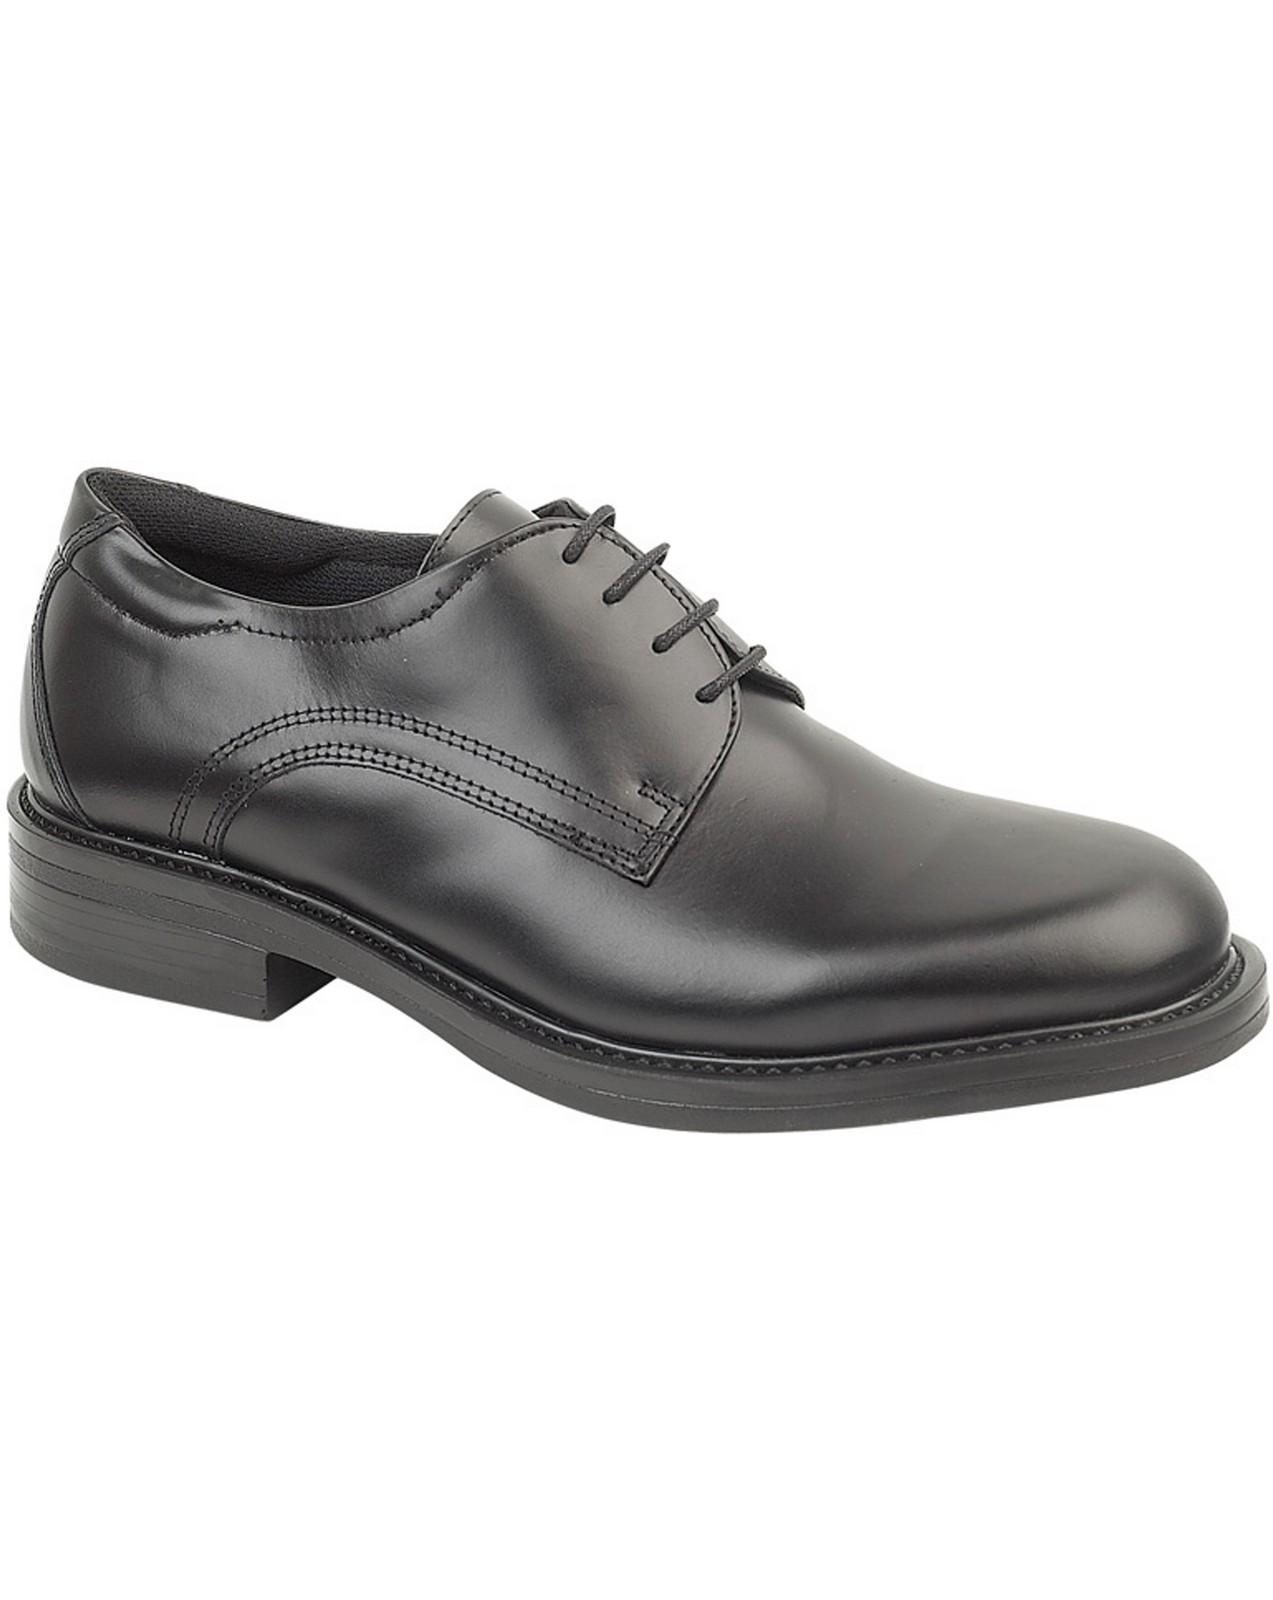 3d499e34024 Magnum Active Duty Black Water Resistant Composite Toe Safety Shoe